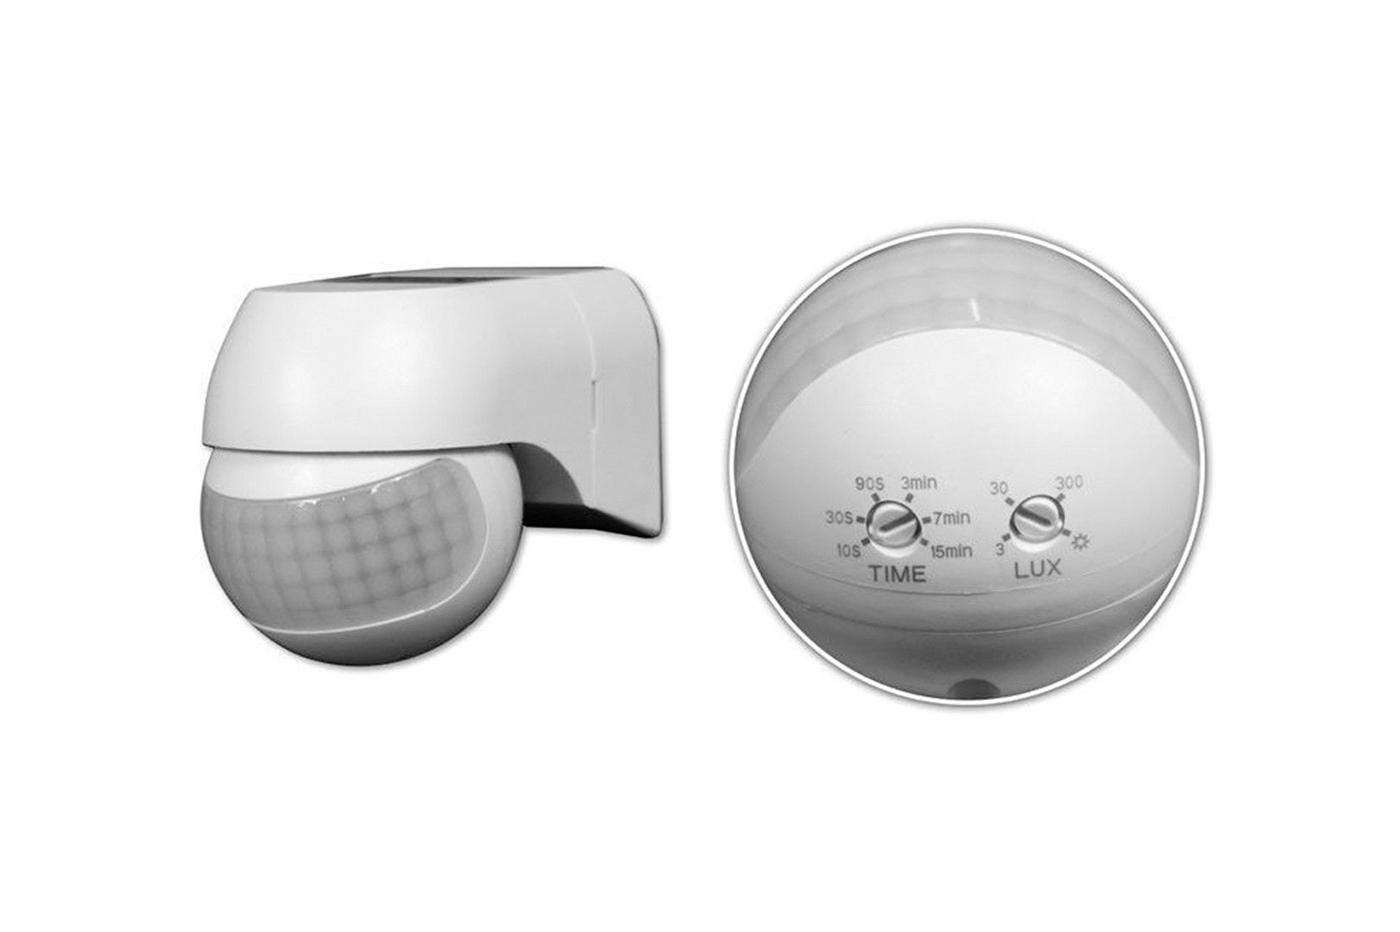 Plafoniera Da Esterno Con Sensore Di Movimento E Crepuscolare : Bes accessori beselettronica sensore movimento